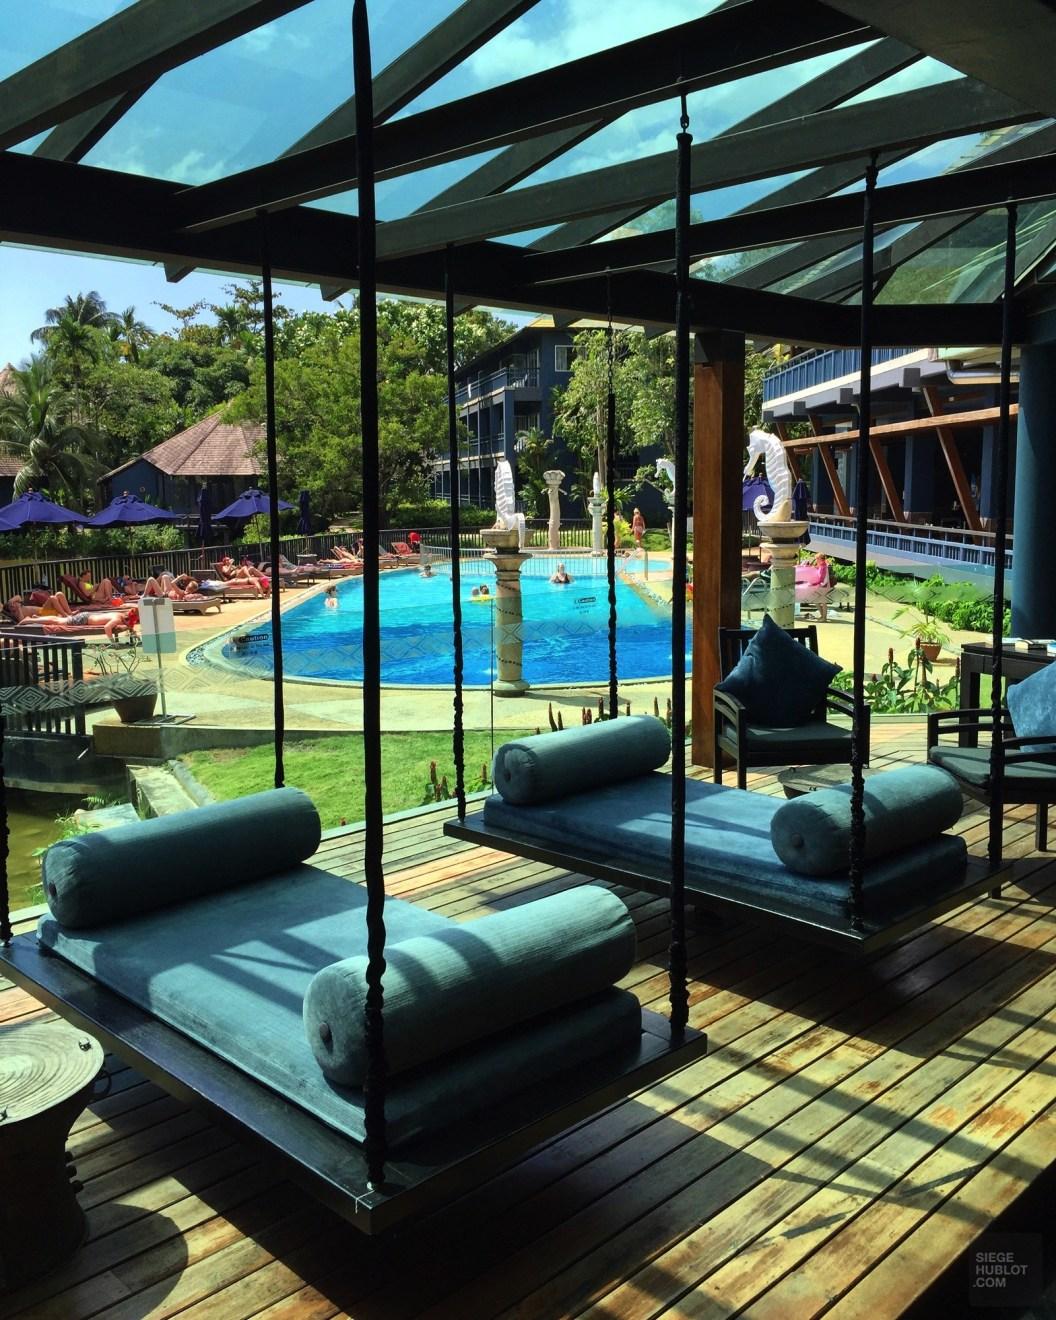 Les balançoires du lobby - Les Restaurants et Bar - Des vacances à Krabi - Asie, Thaïlande